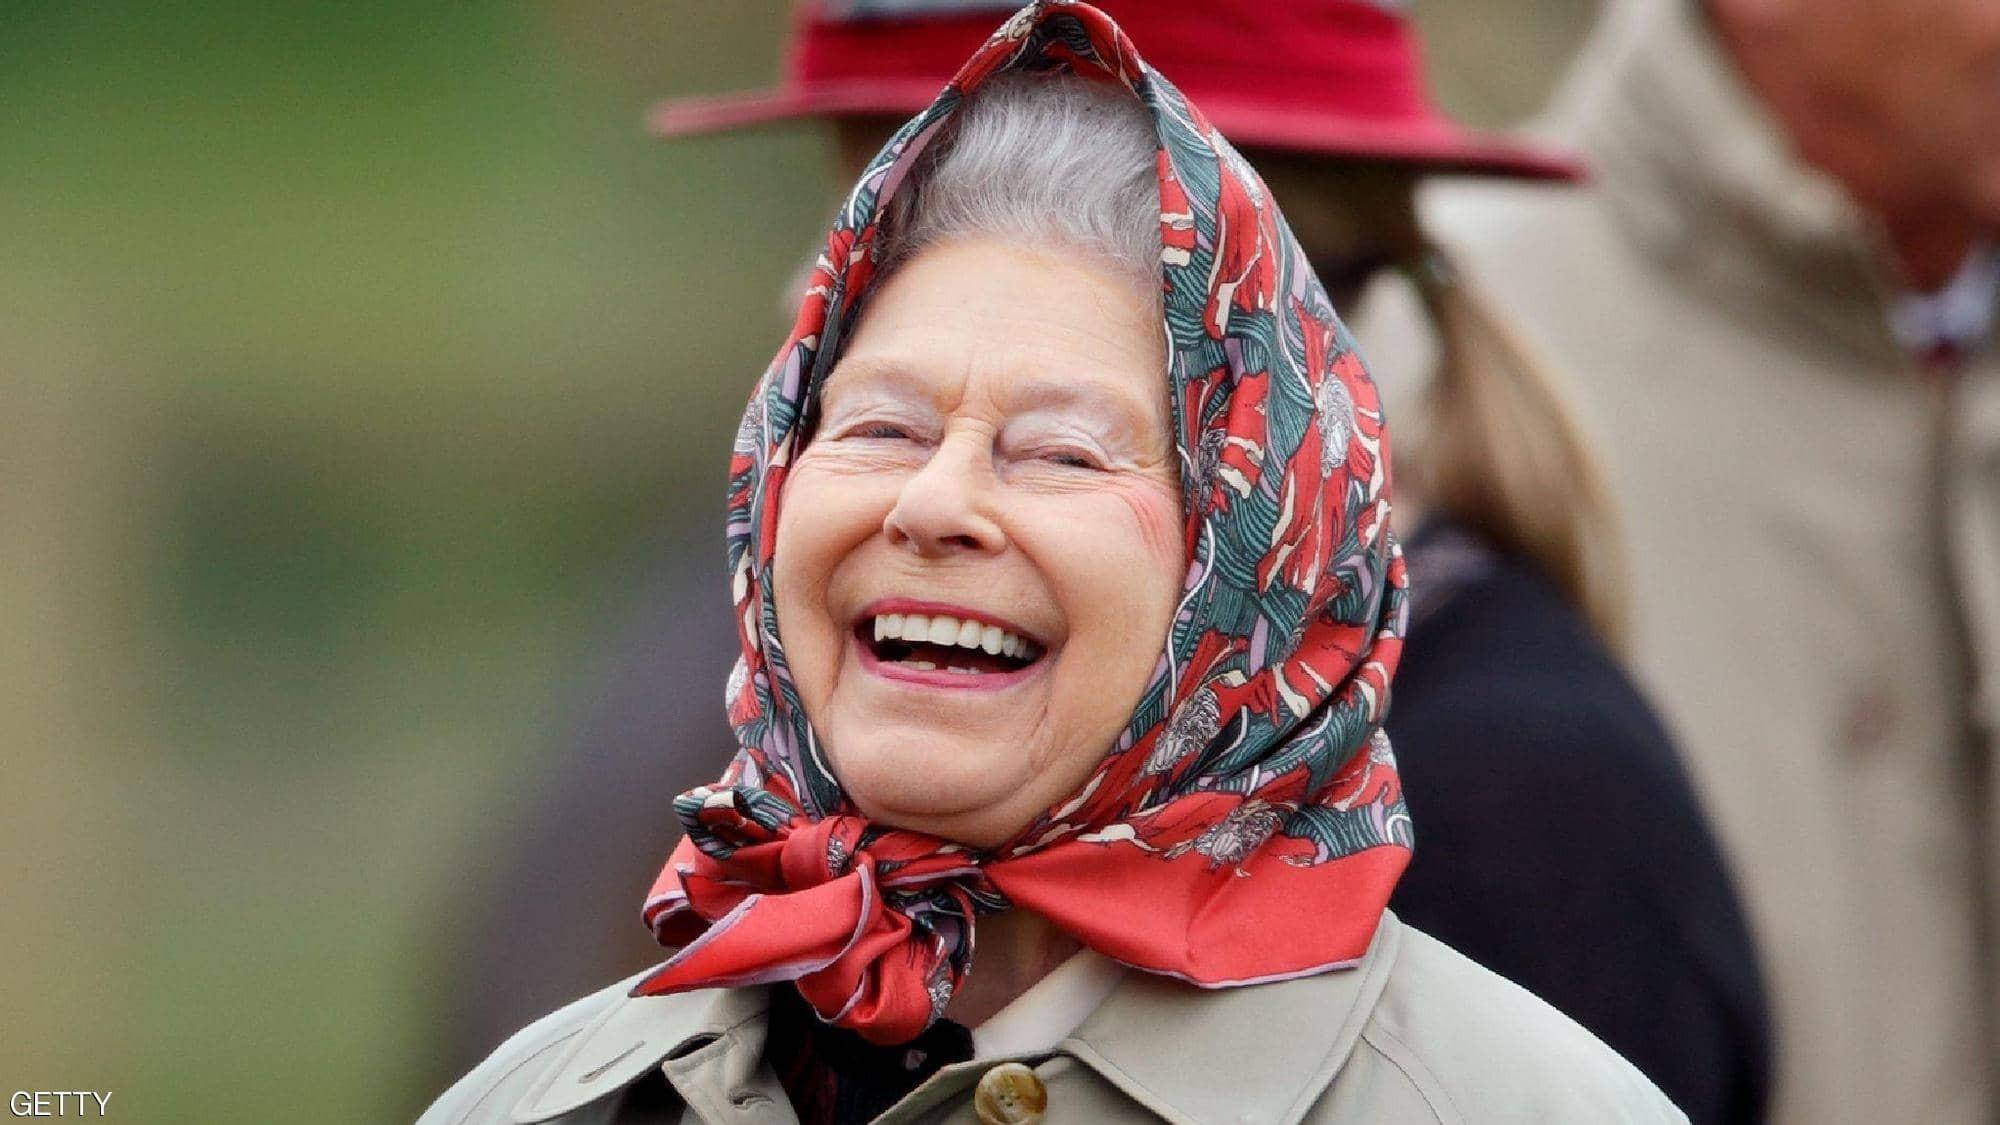 """شاهدوا: """"الكلاشنيكوف"""" تكشف الوجه الآخر لصاحبة التاج البريطاني"""